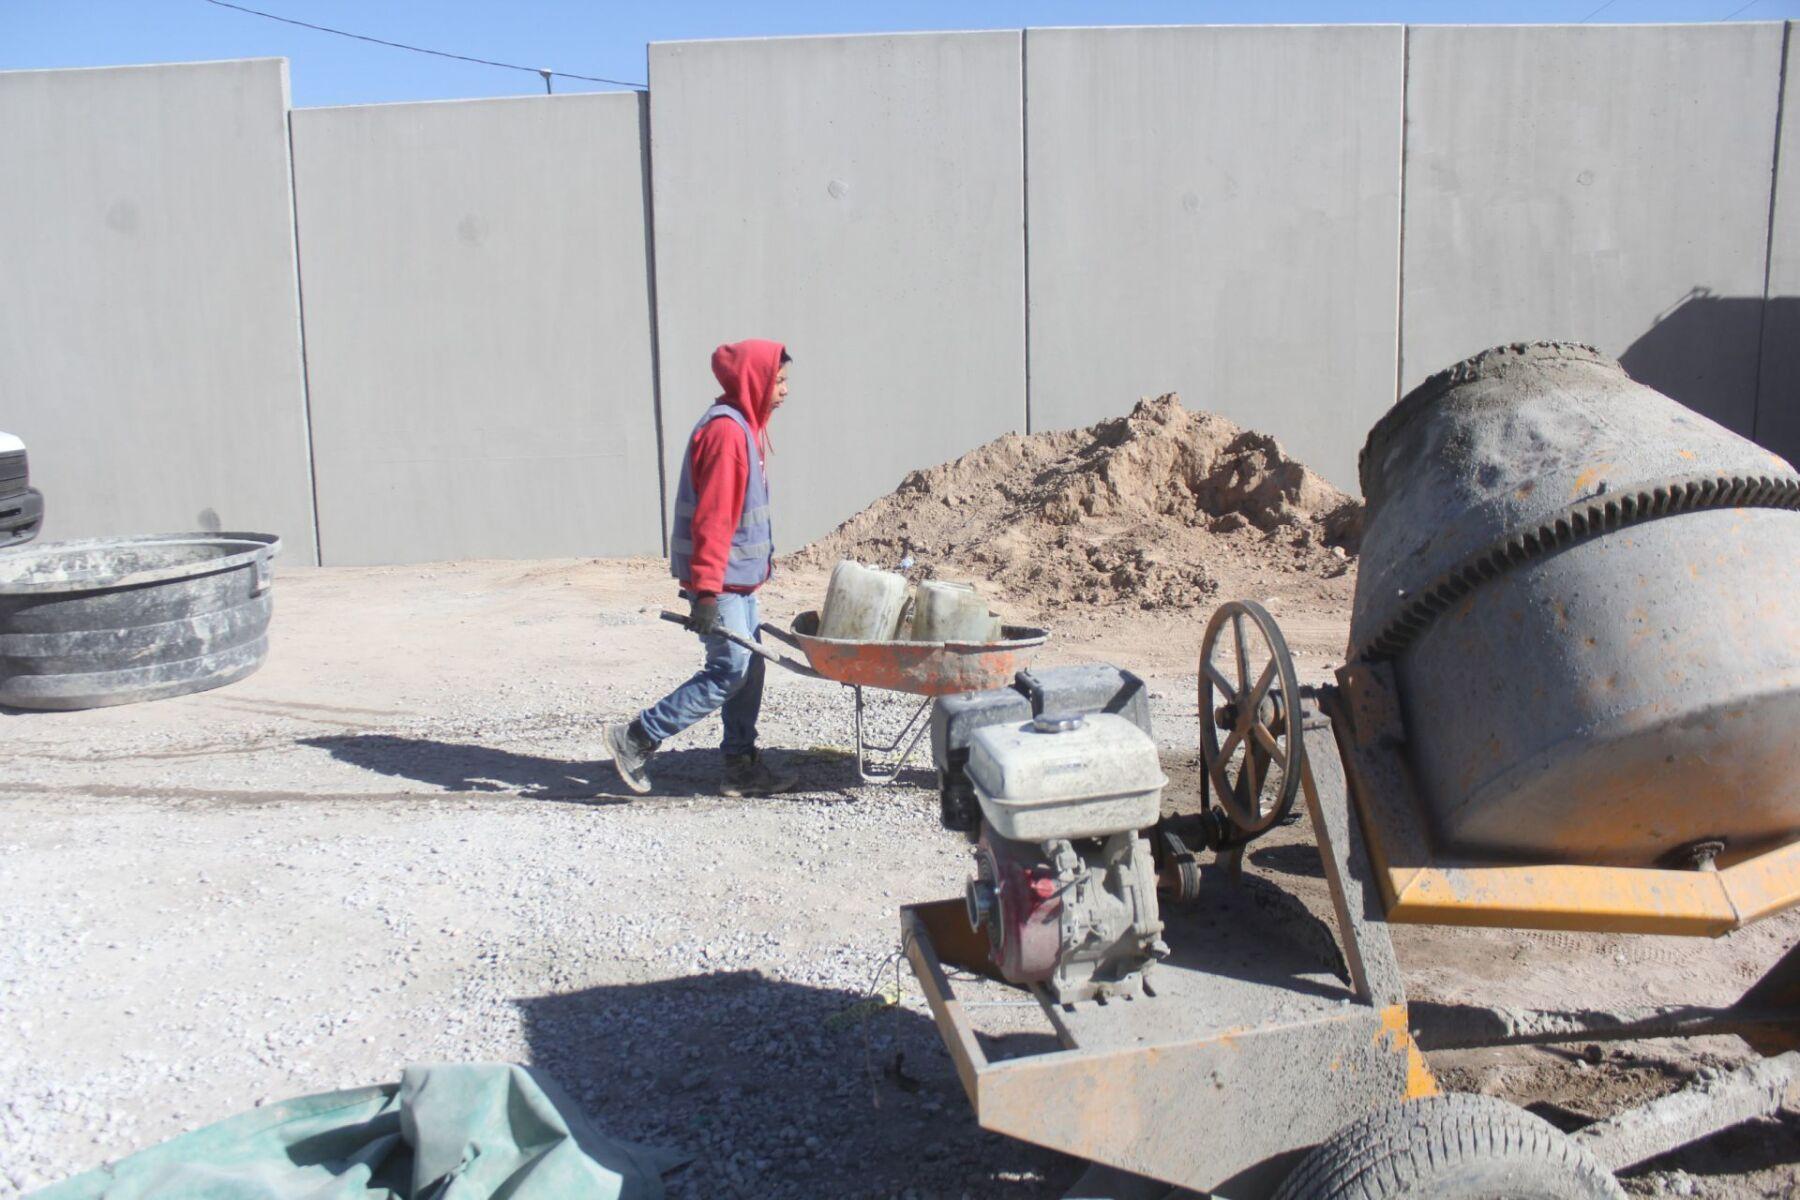 Obreros continúan construyendo barda de seguridad en Comisión Estatal de Seguridad